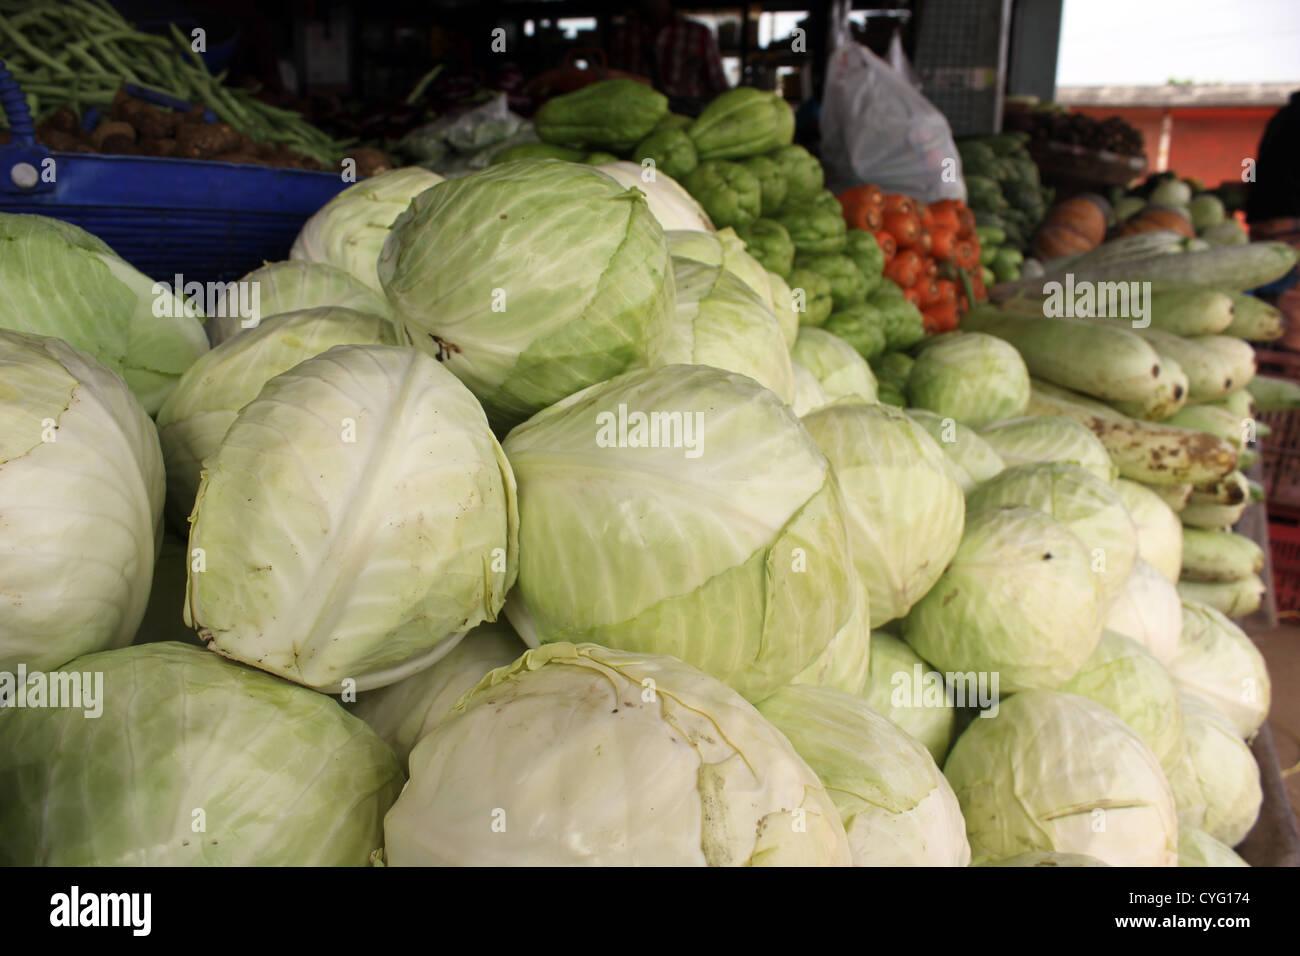 Cavolo che viene visualizzata in un negozio di vegetali in India Immagini Stock